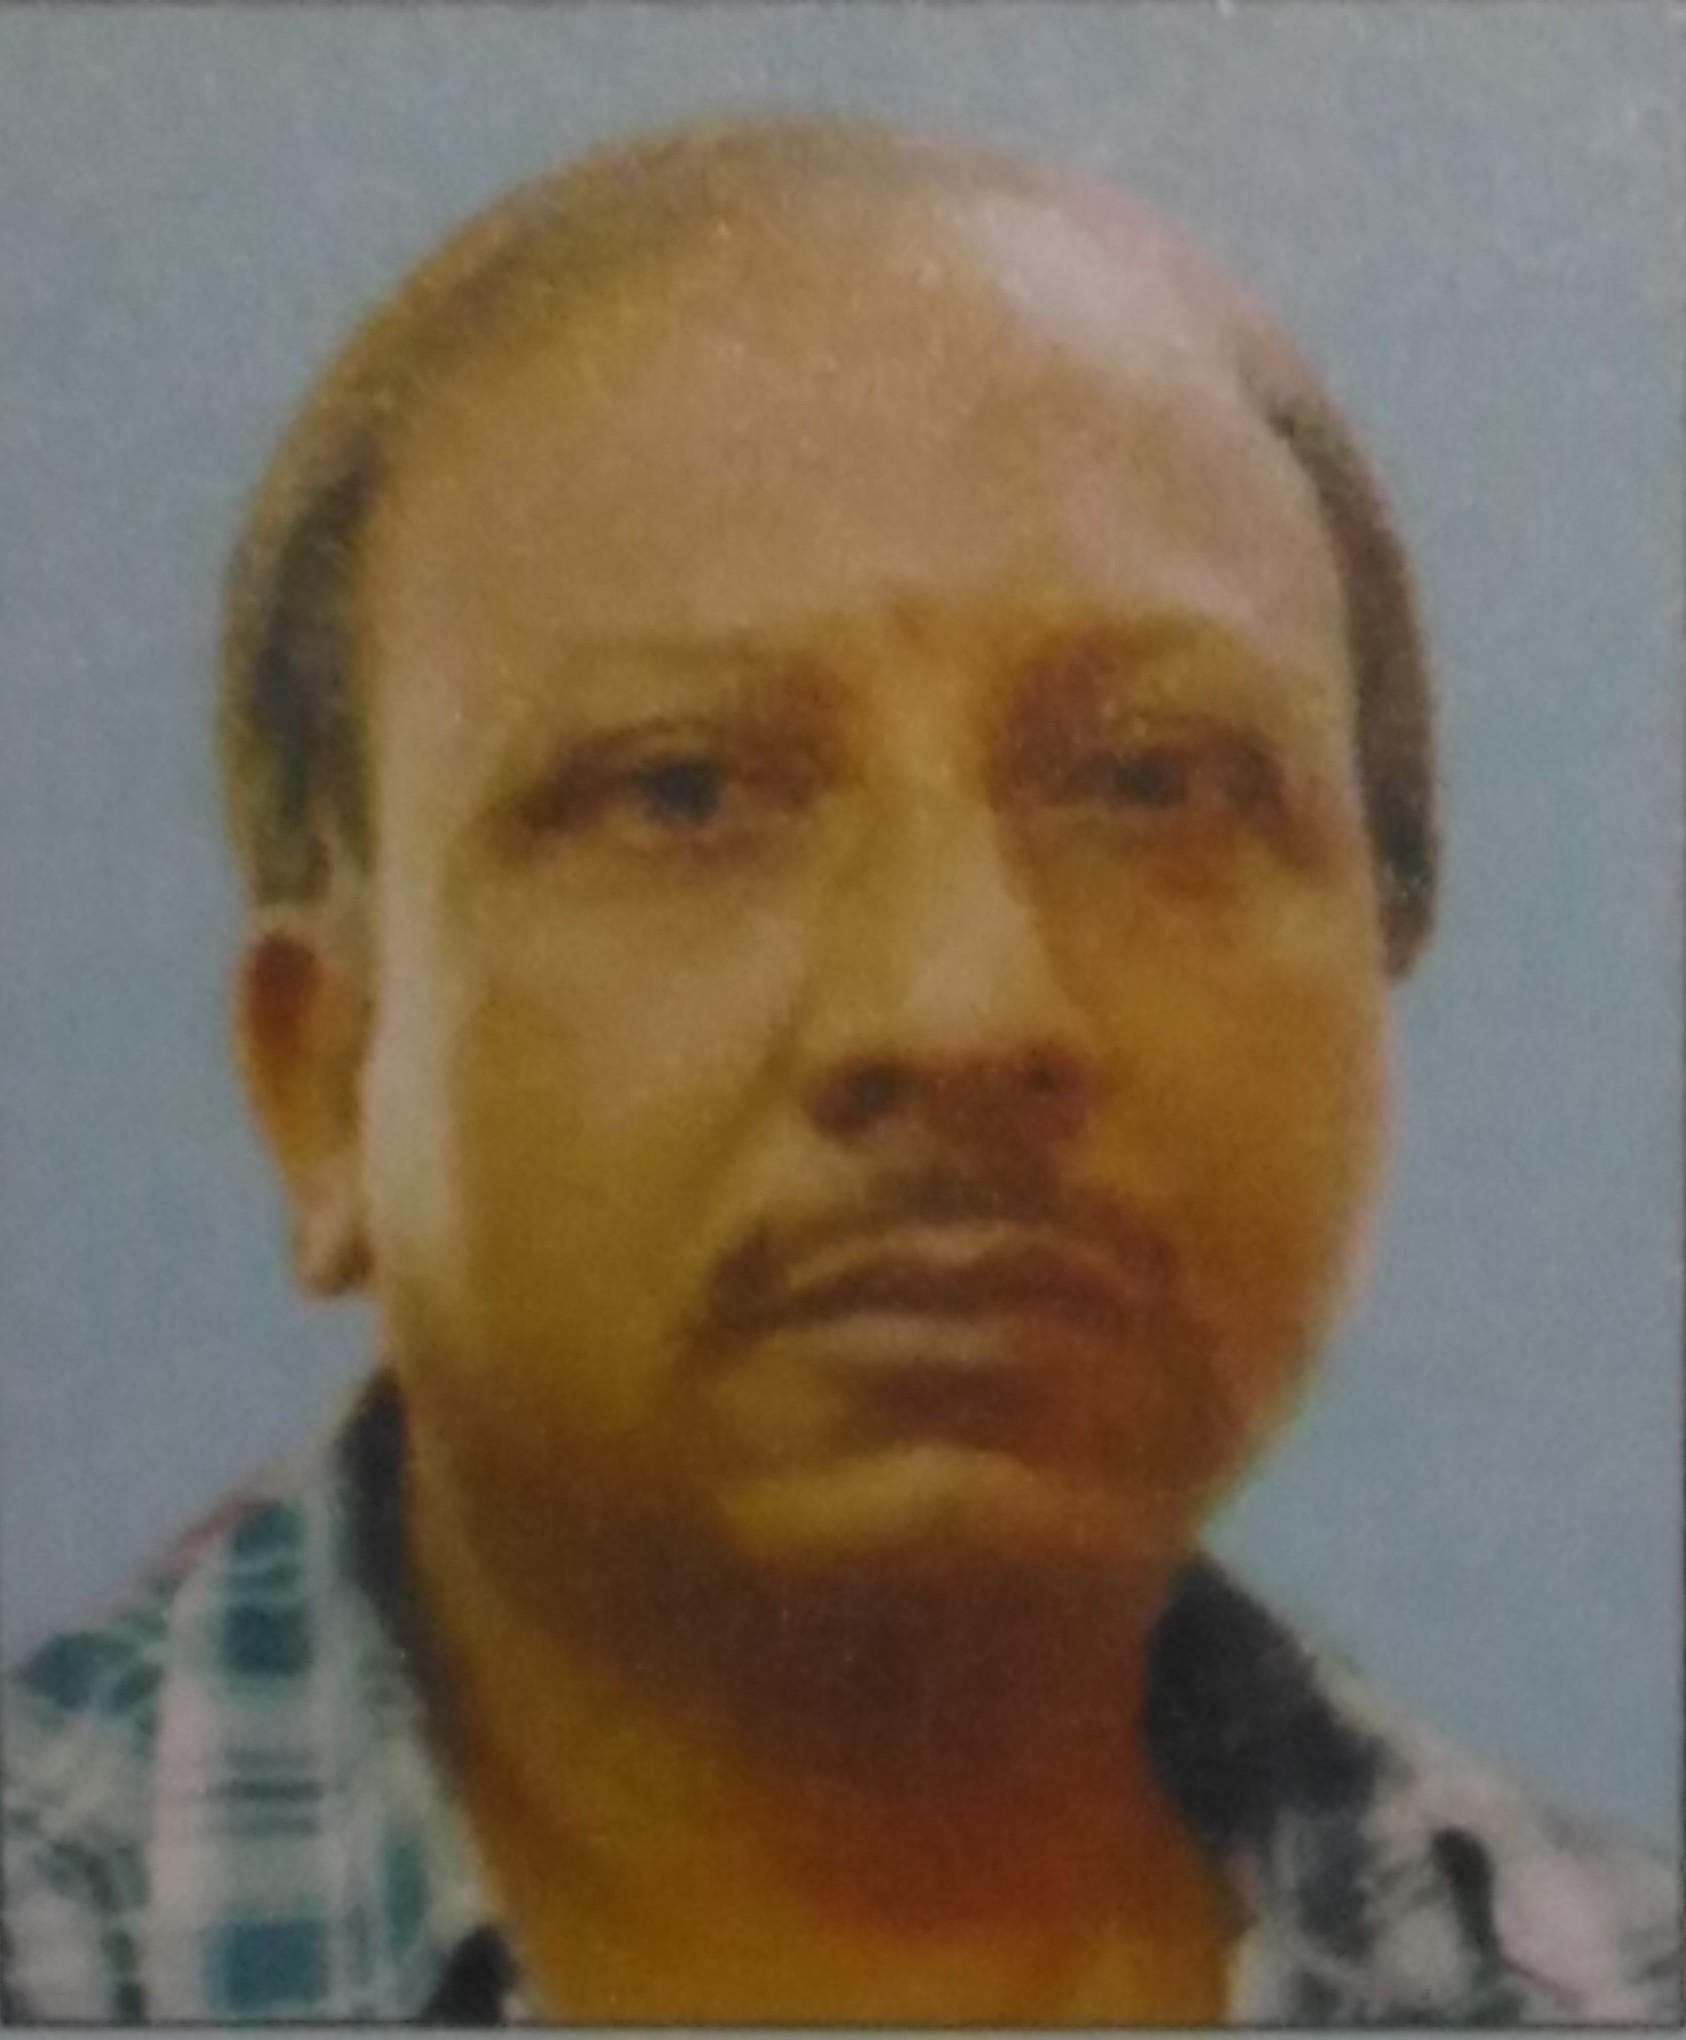 Gautam Kumar Sen